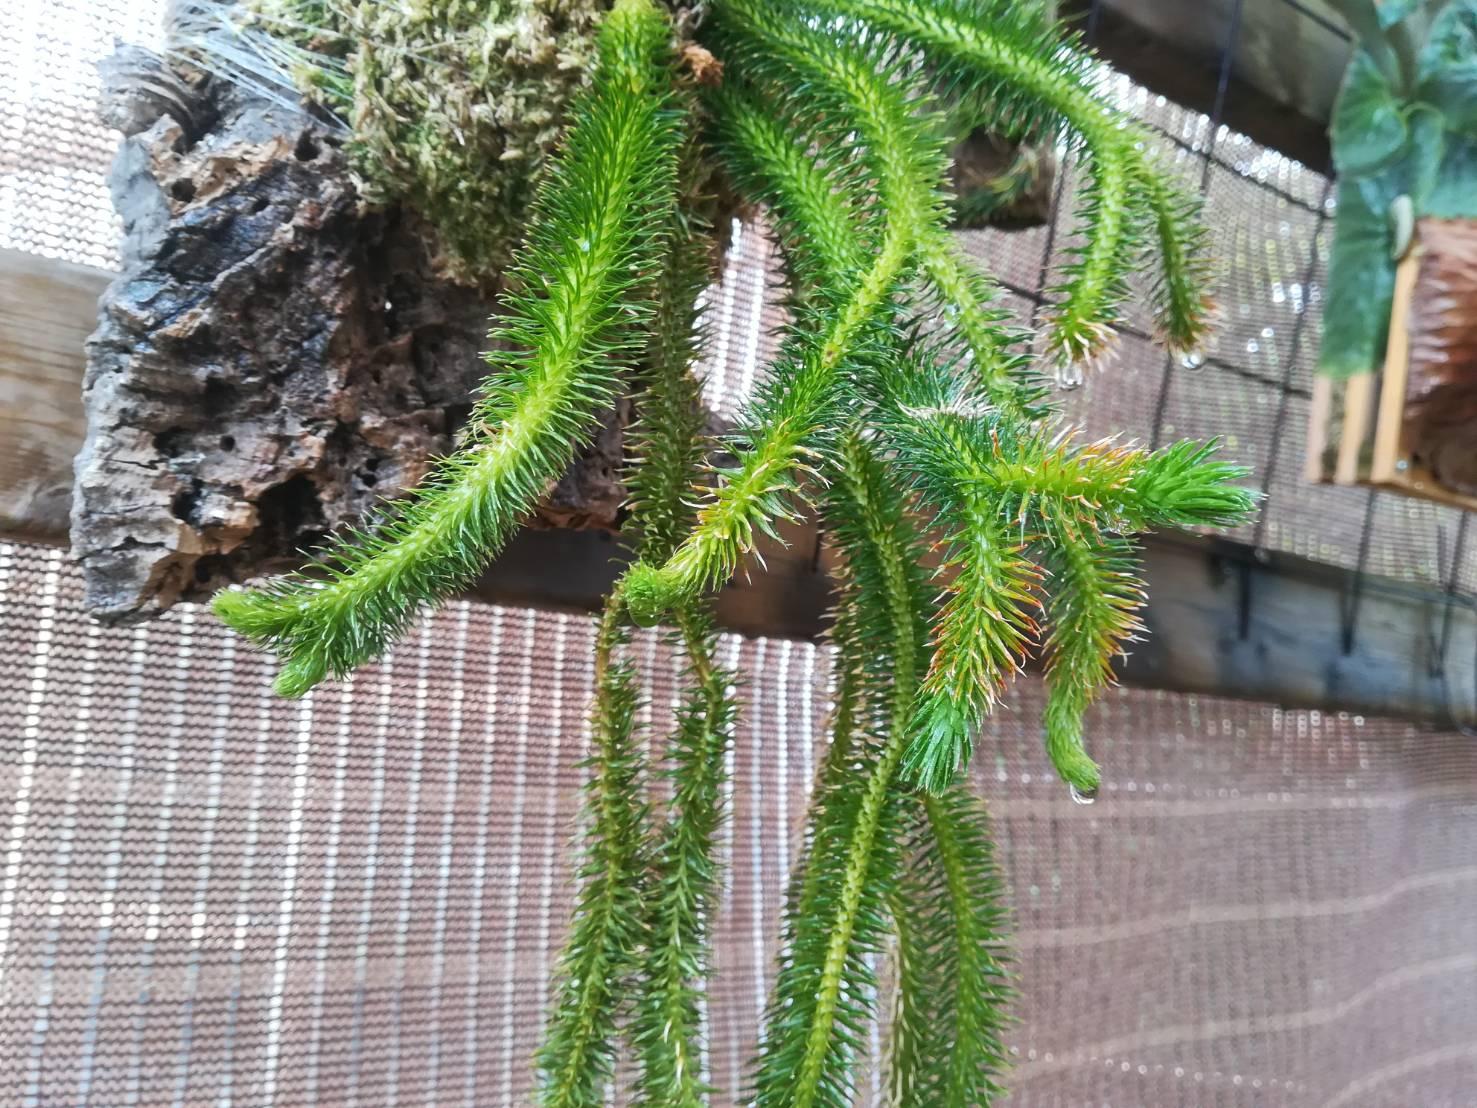 フペルジアのコルク仕立てから5カ月後。≪着生植物×シダ植物×成長速度≫